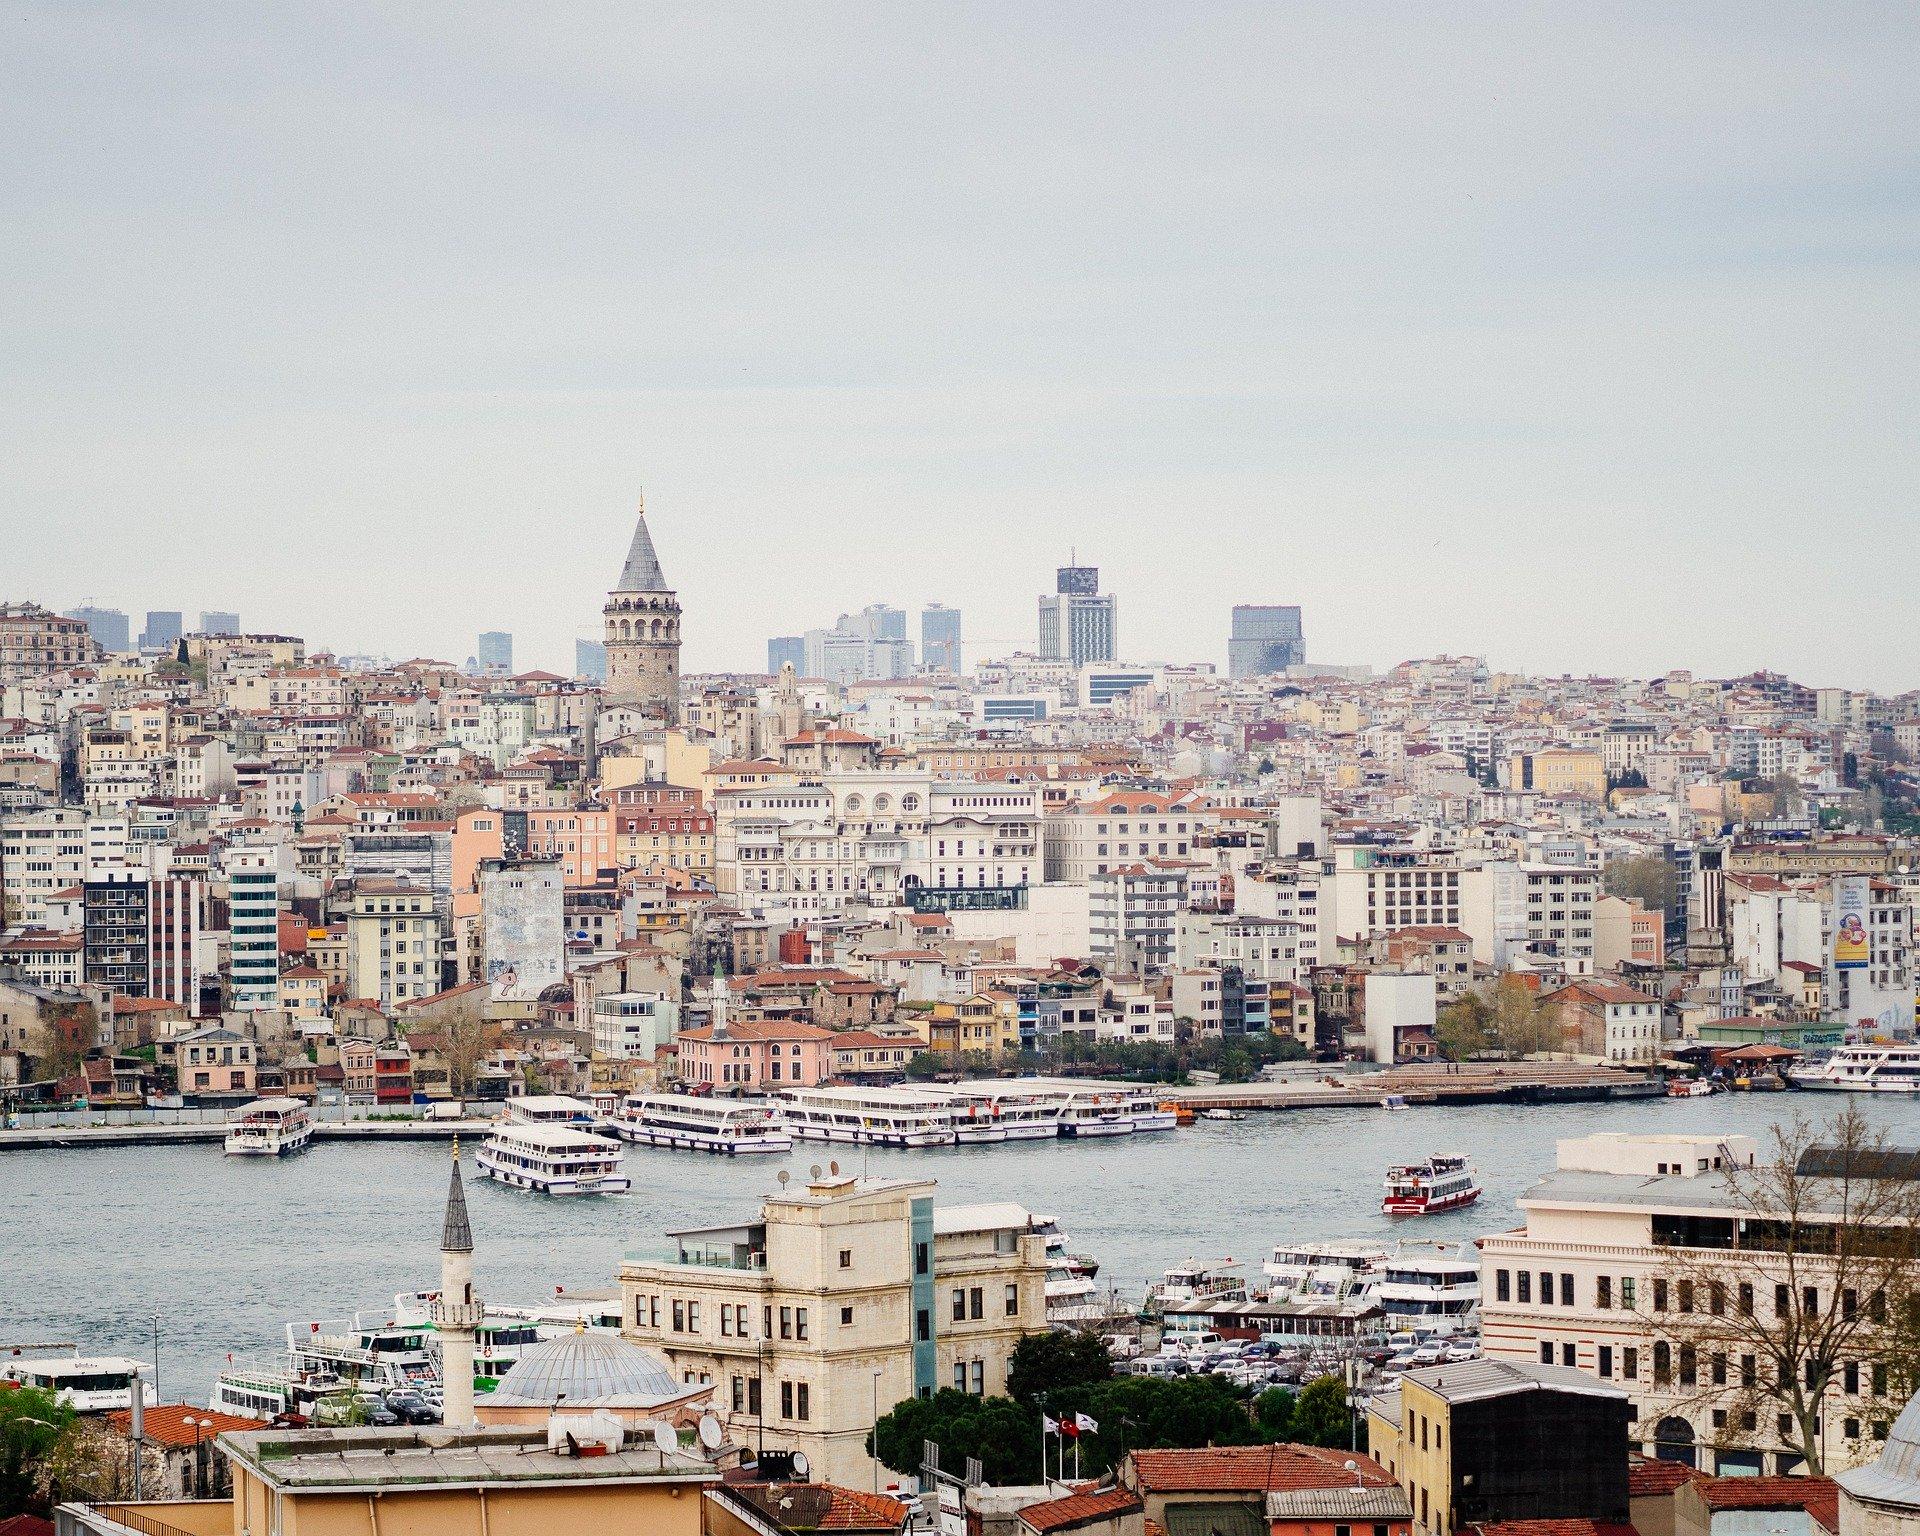 Qué está pasando en Turquía